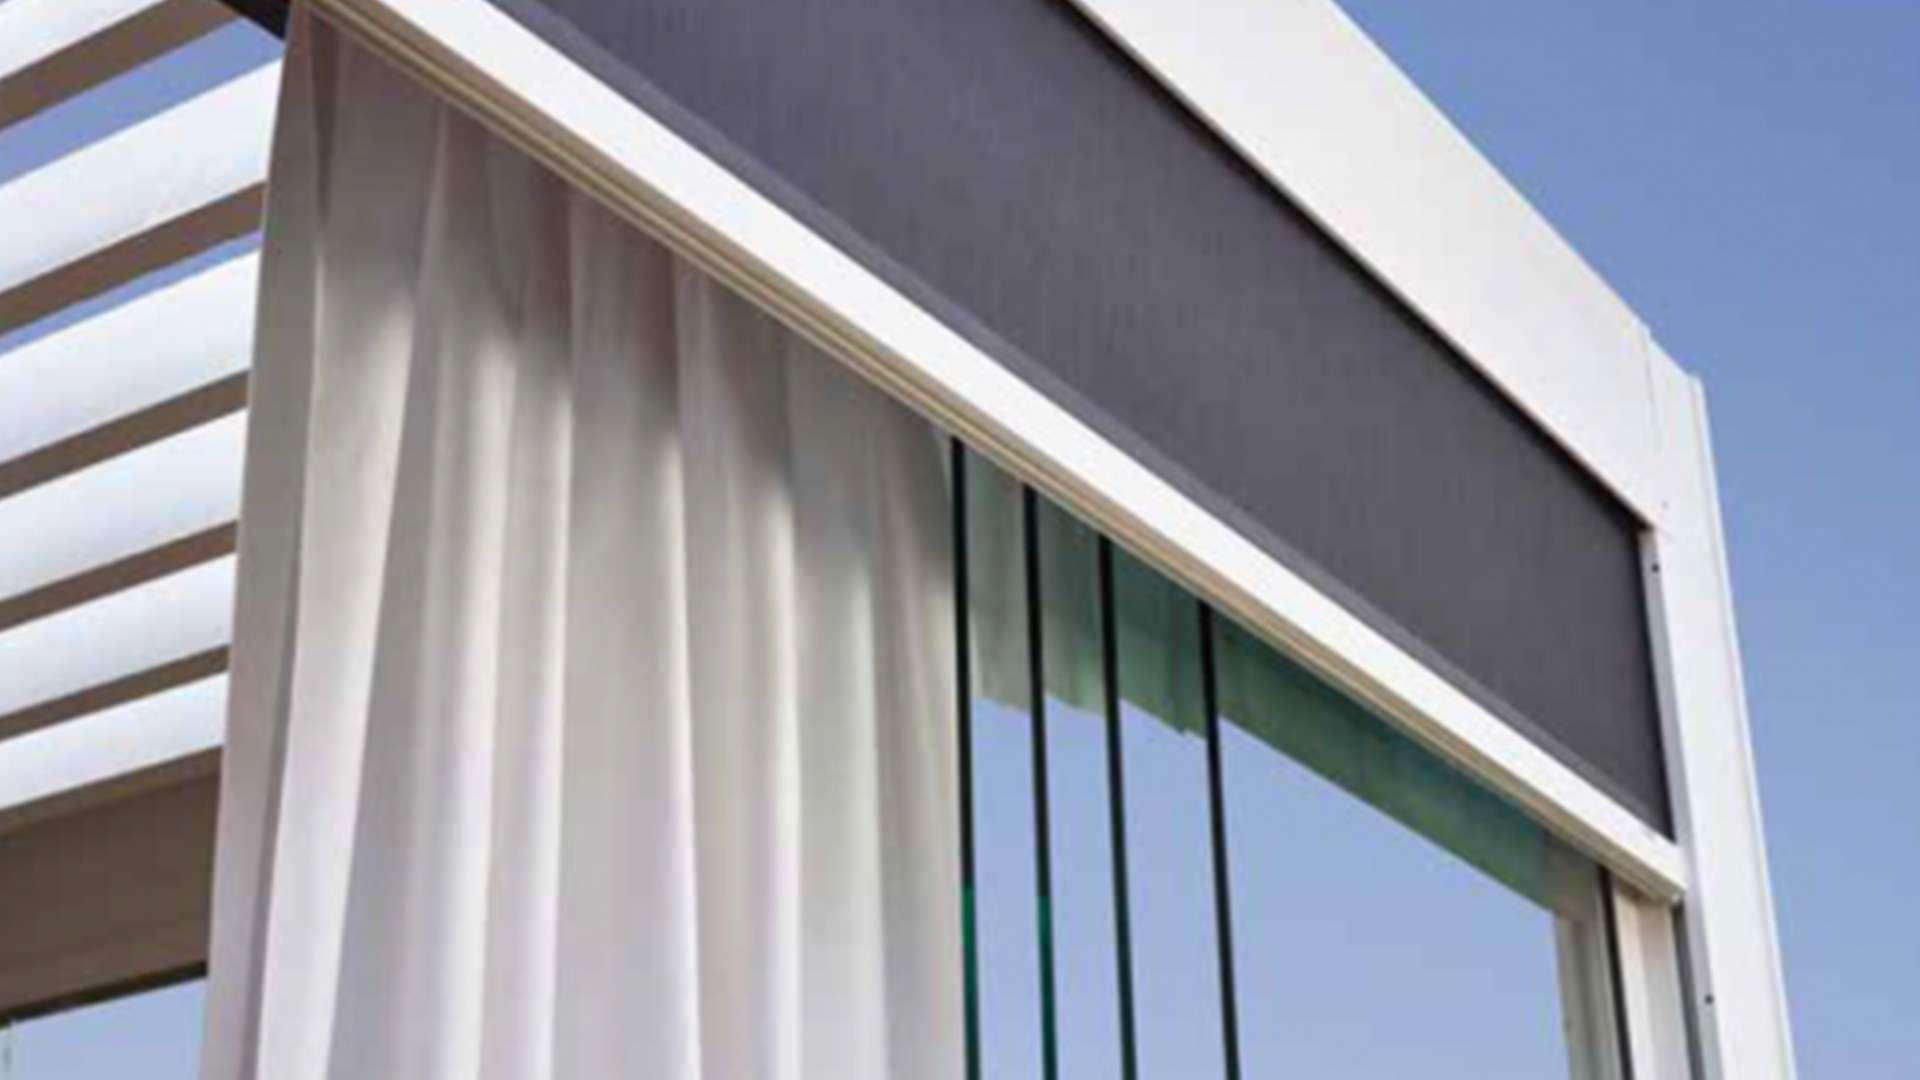 Außenvorhänge an einem Lamellendach